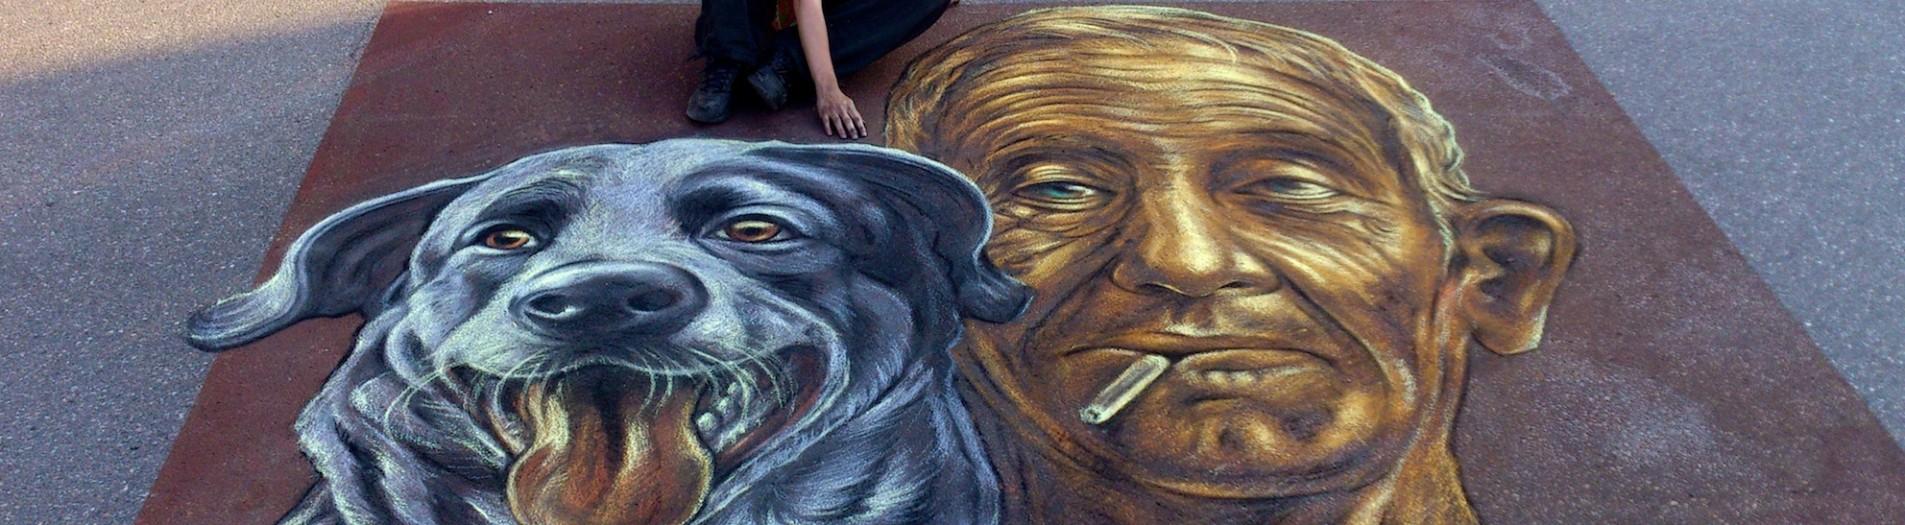 Blumberg Street Art Fest 2013